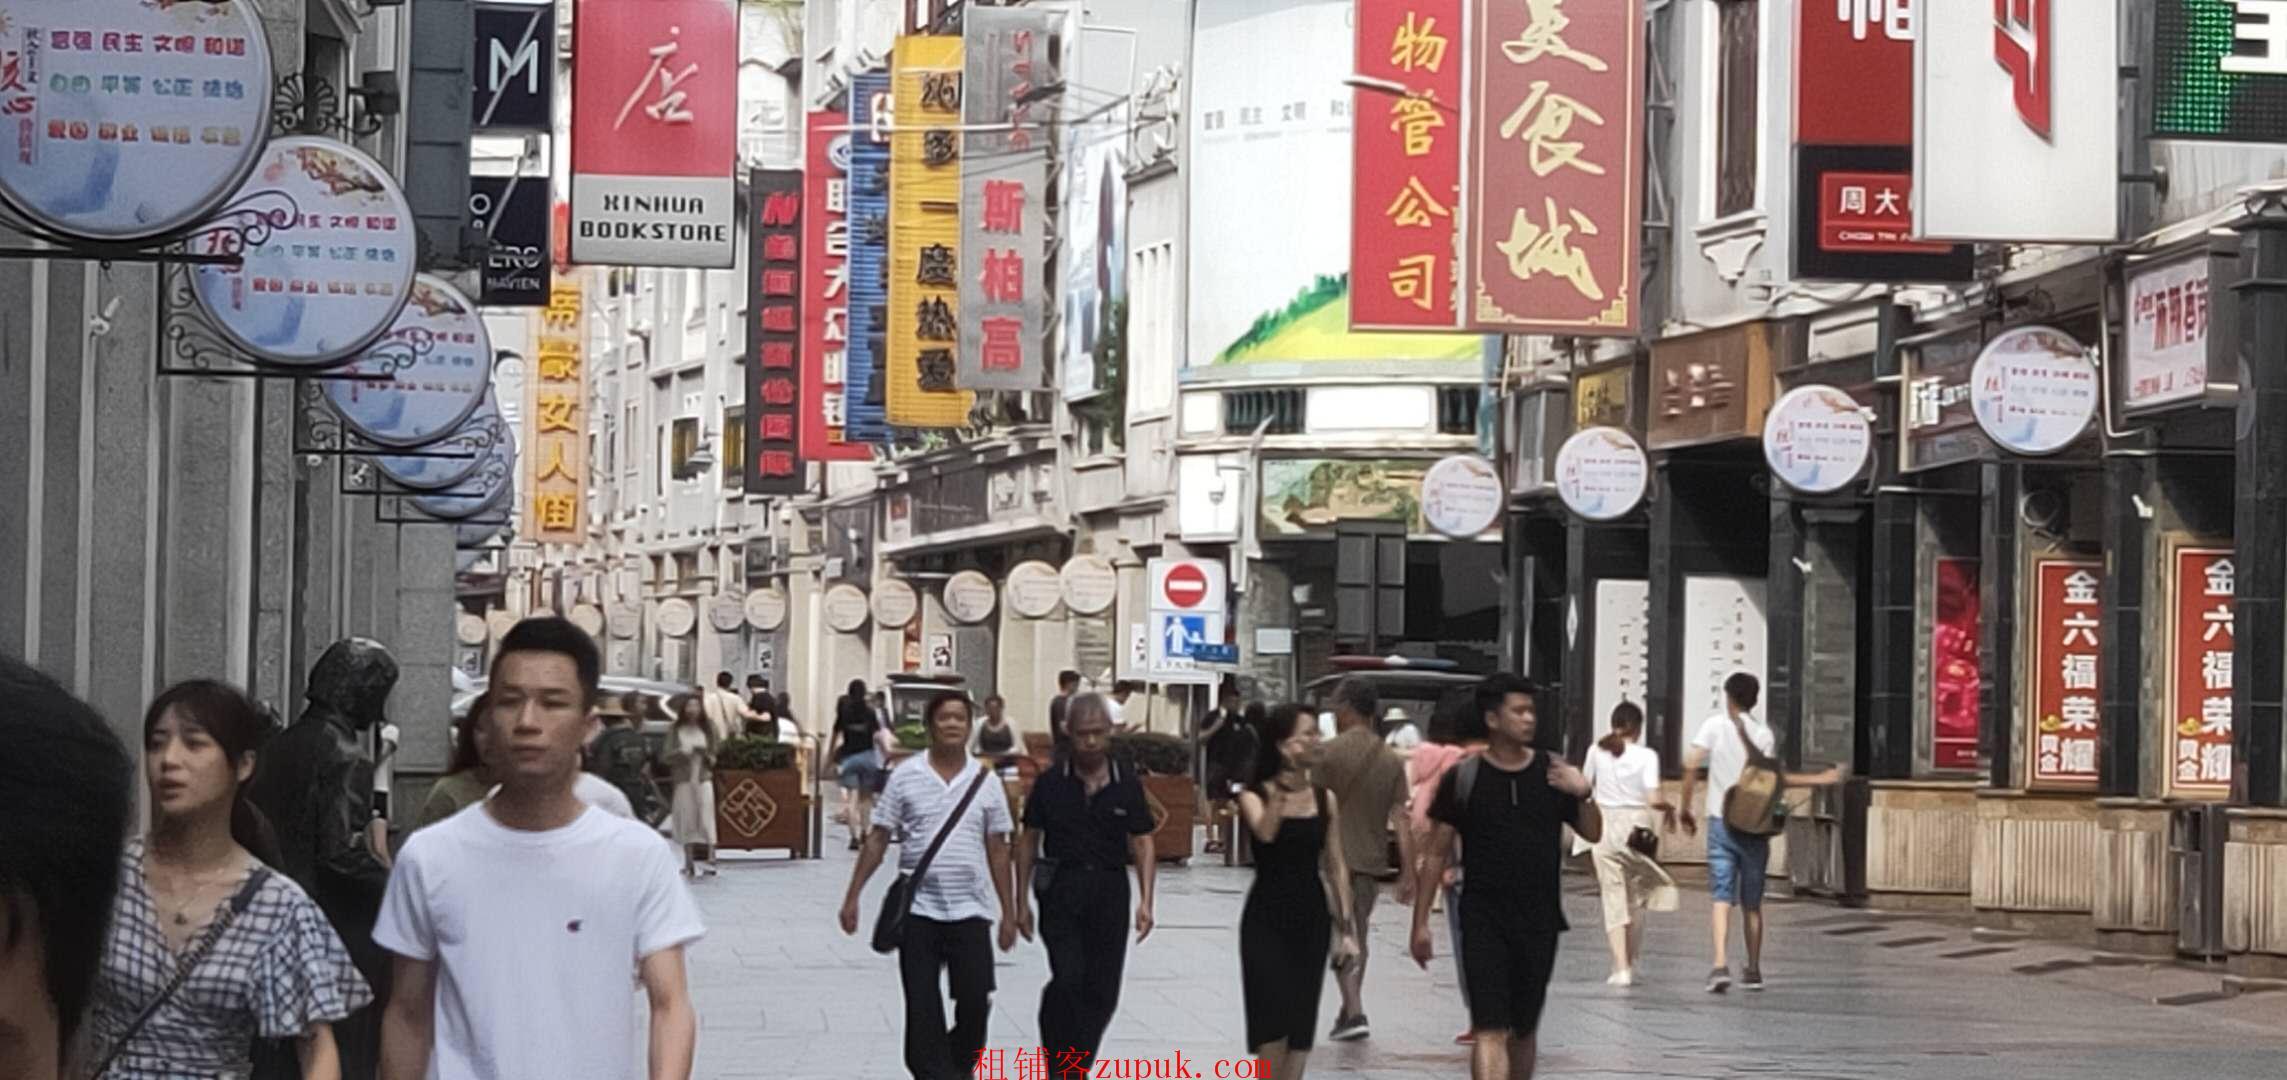 天河区,石牌东路,街1楼门口人超多,档口小吃饭馆店,证照齐全